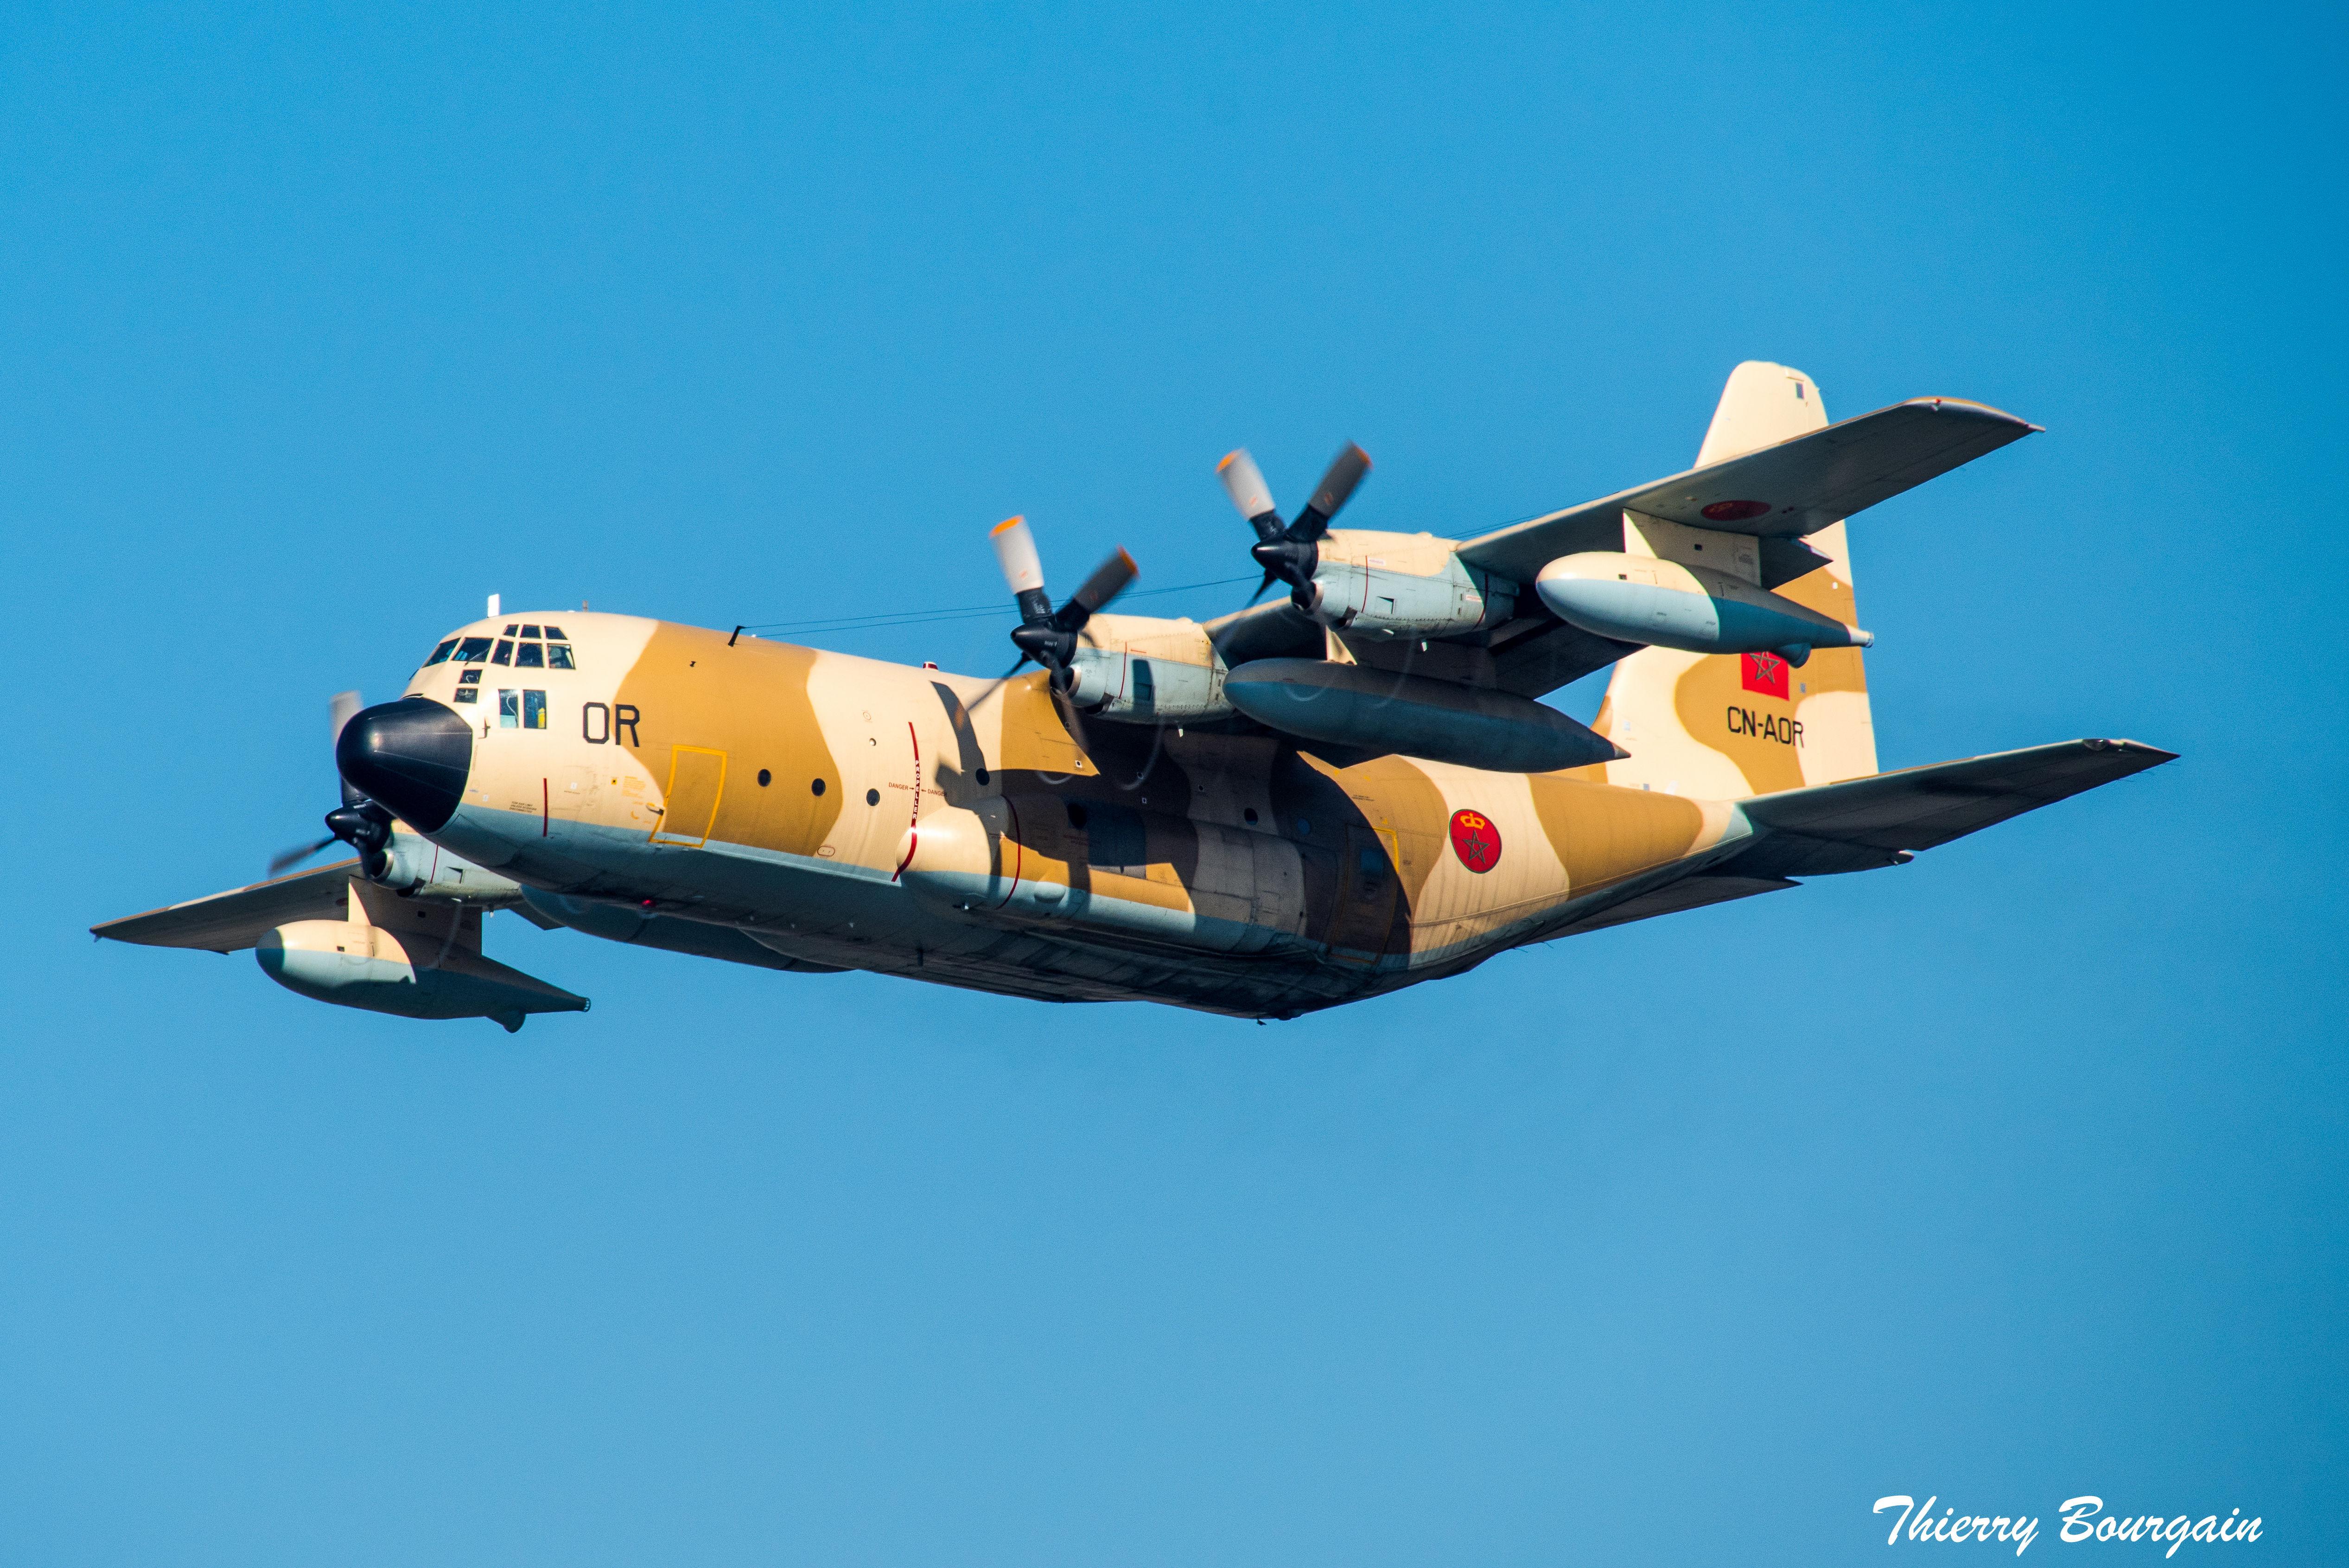 FRA: Photos d'avions de transport - Page 37 40264309563_751bd806df_o